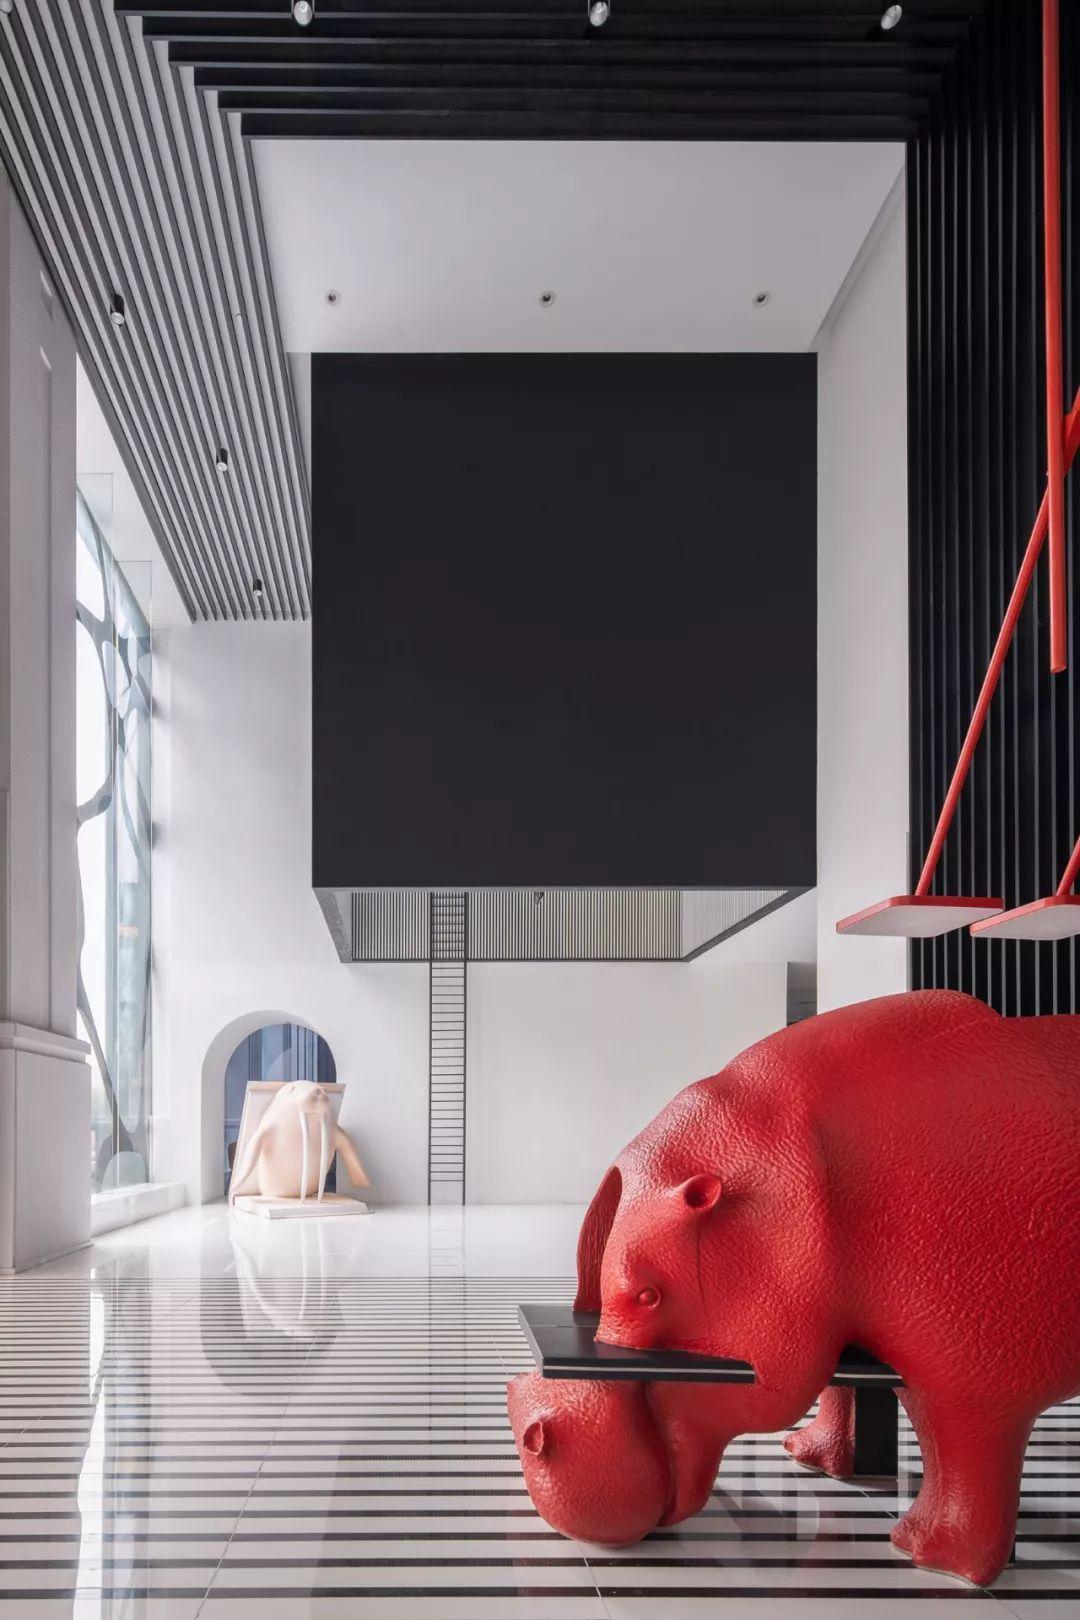 中国首家动物艺术酒店,惊艳设计圈 | 李想